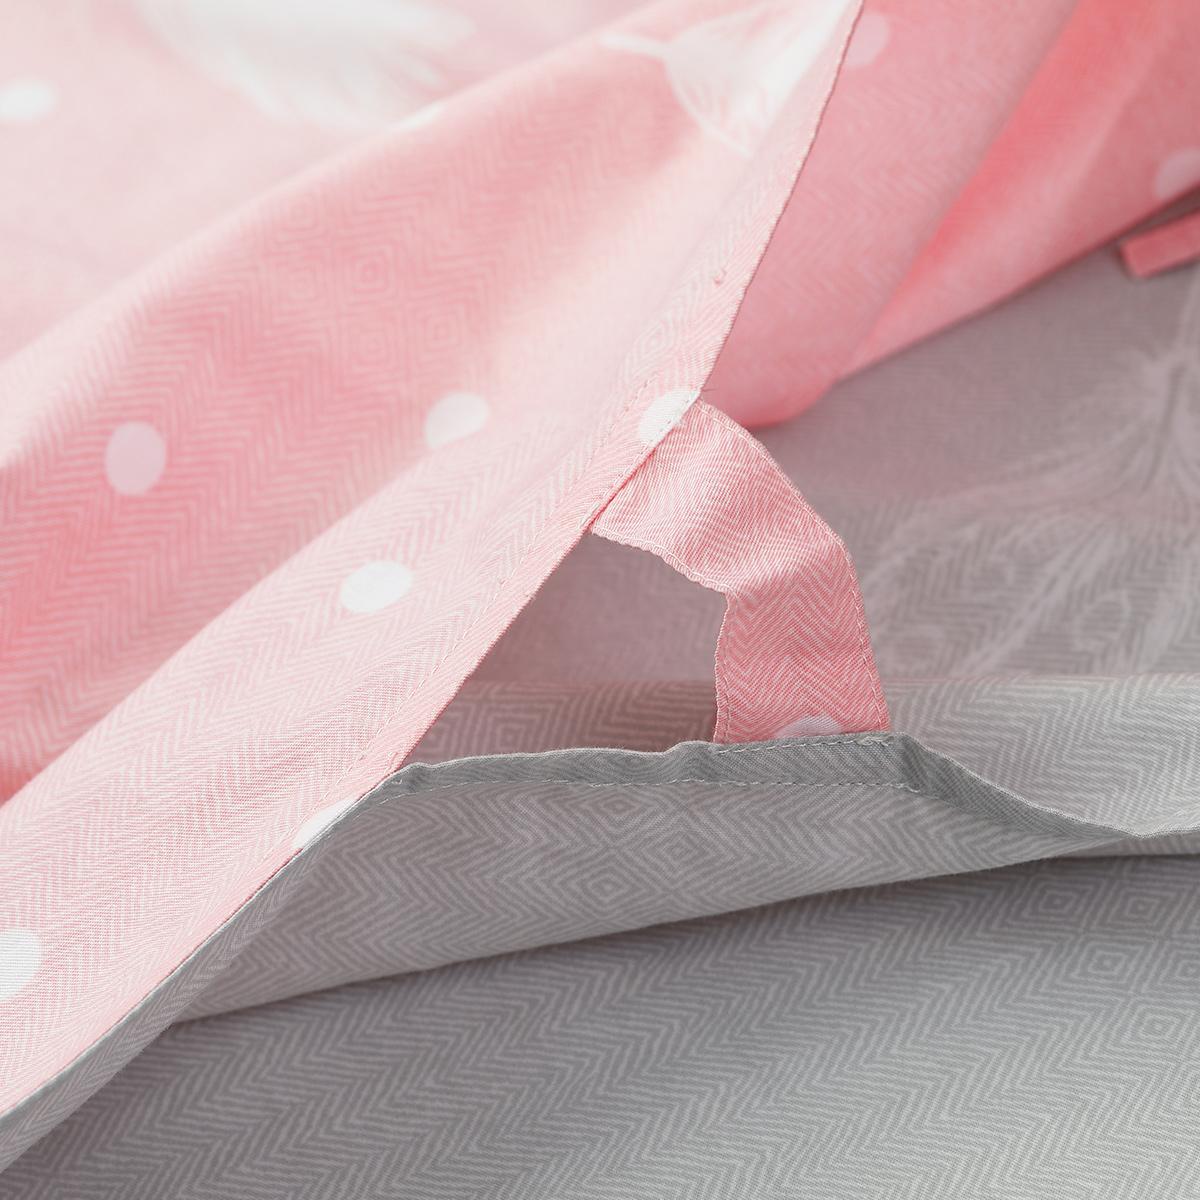 水星家纺 全棉旅行睡袋成人防踢被隔脏被套酒店出差床单双人新品